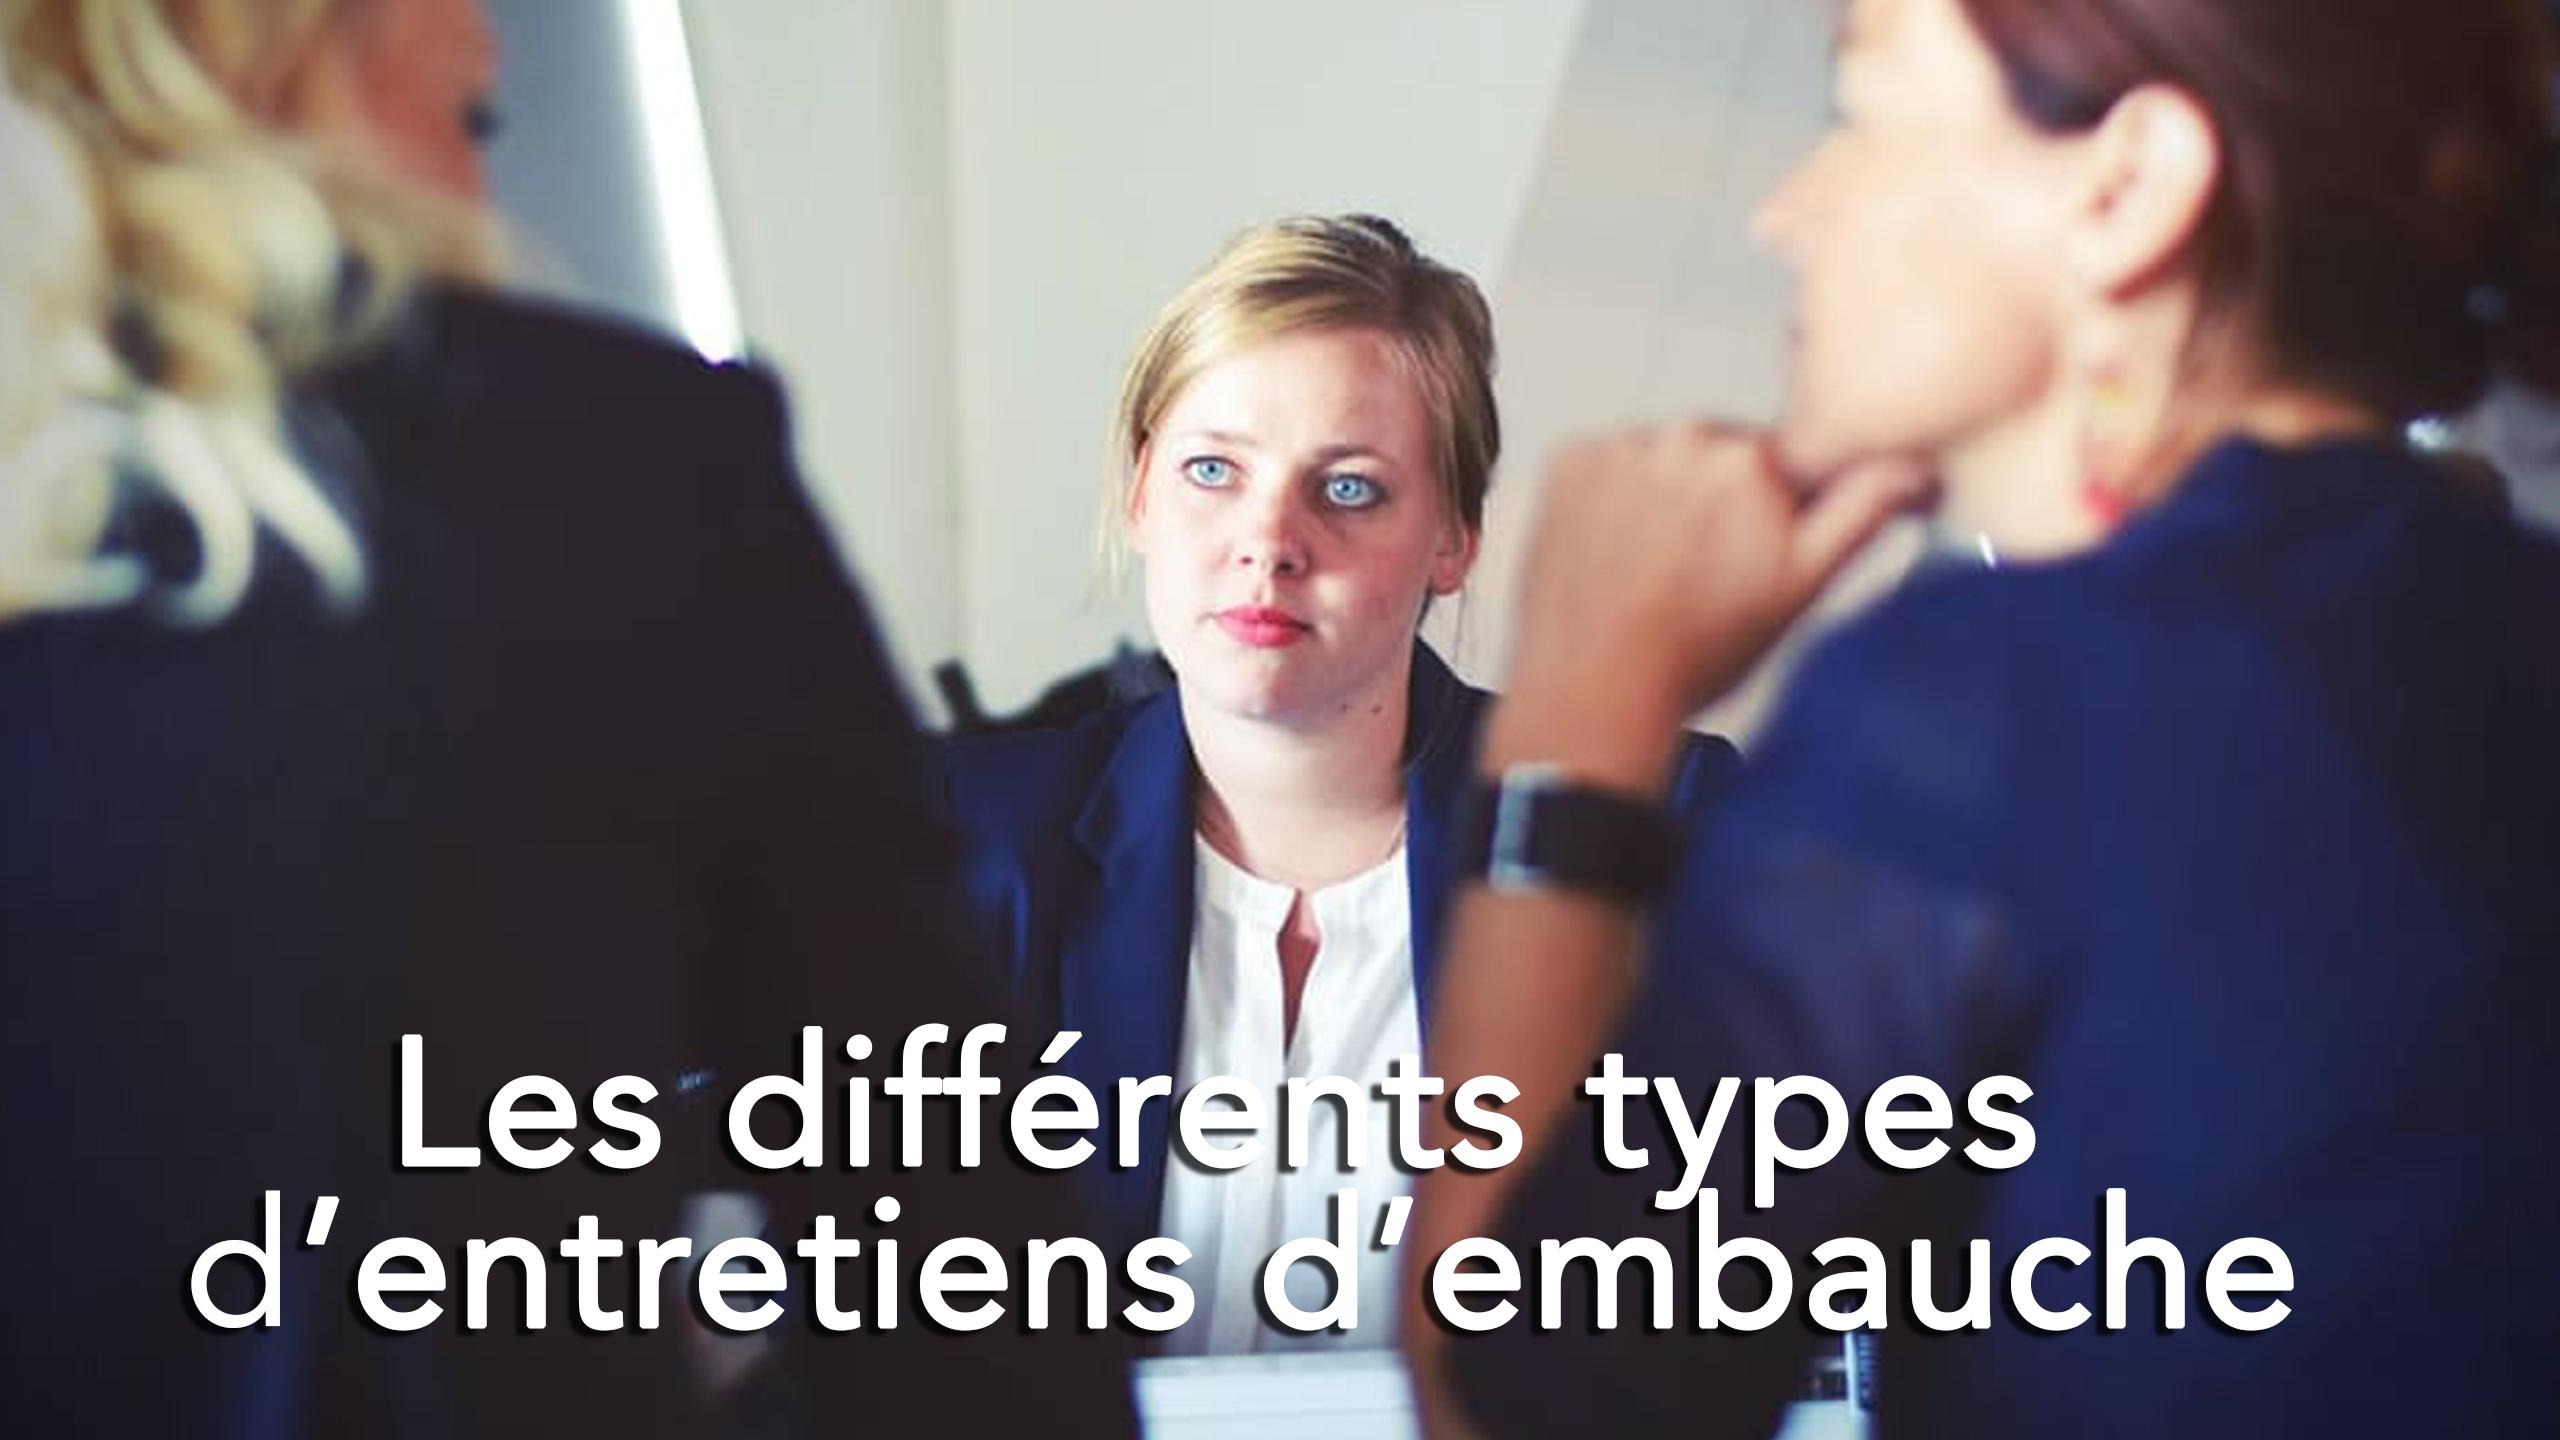 Quels sont les différents types d'entretiens d'embauche ?